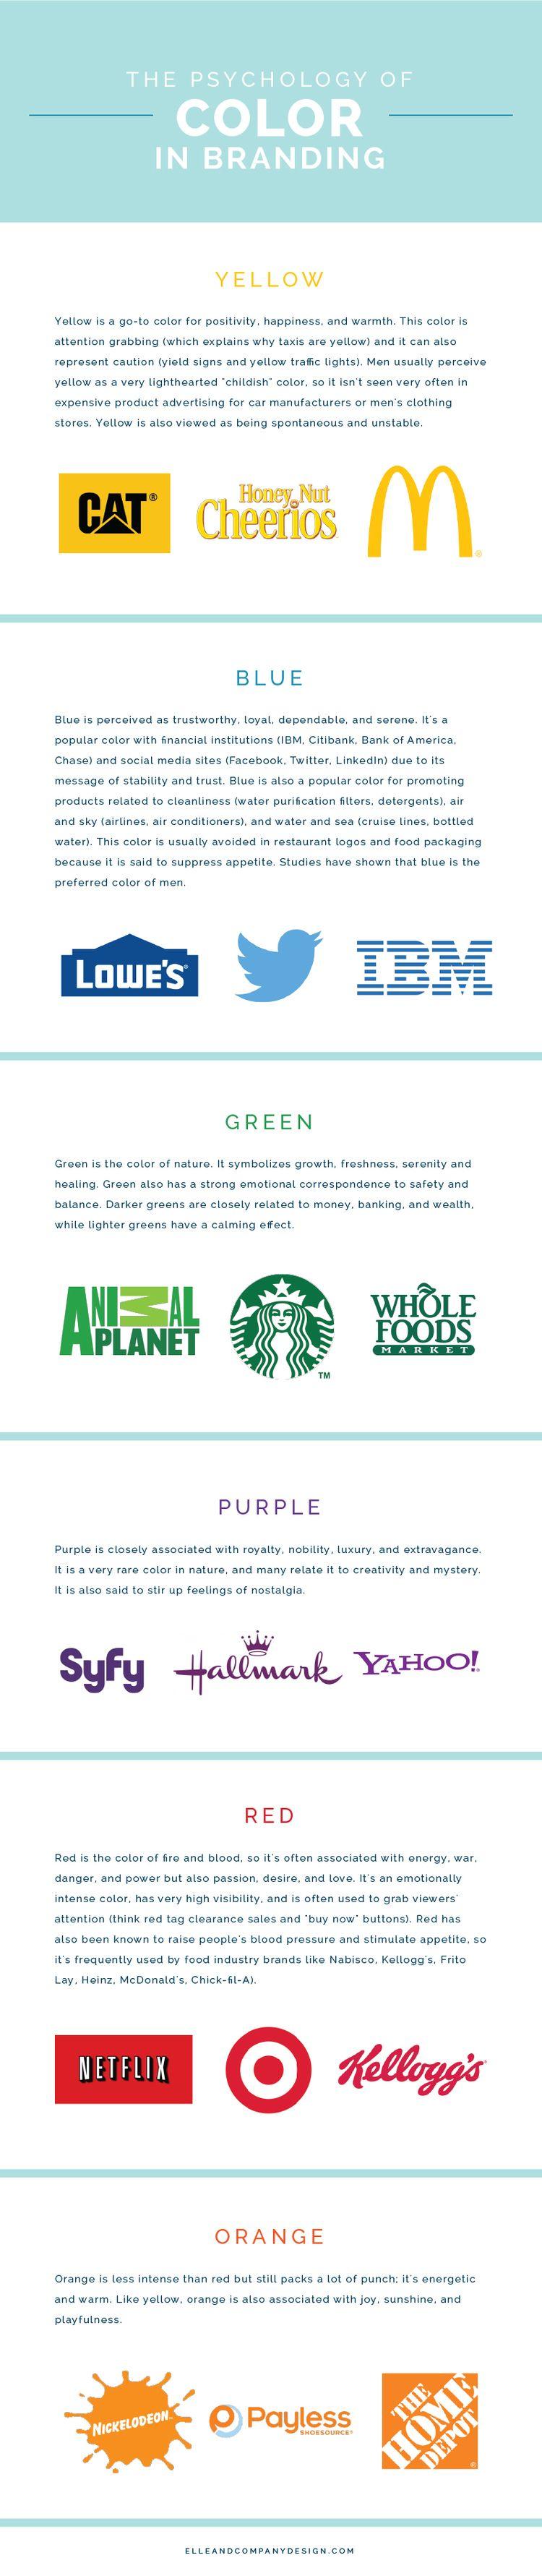 The Psychology of Color in Branding (via Bloglovin.com )